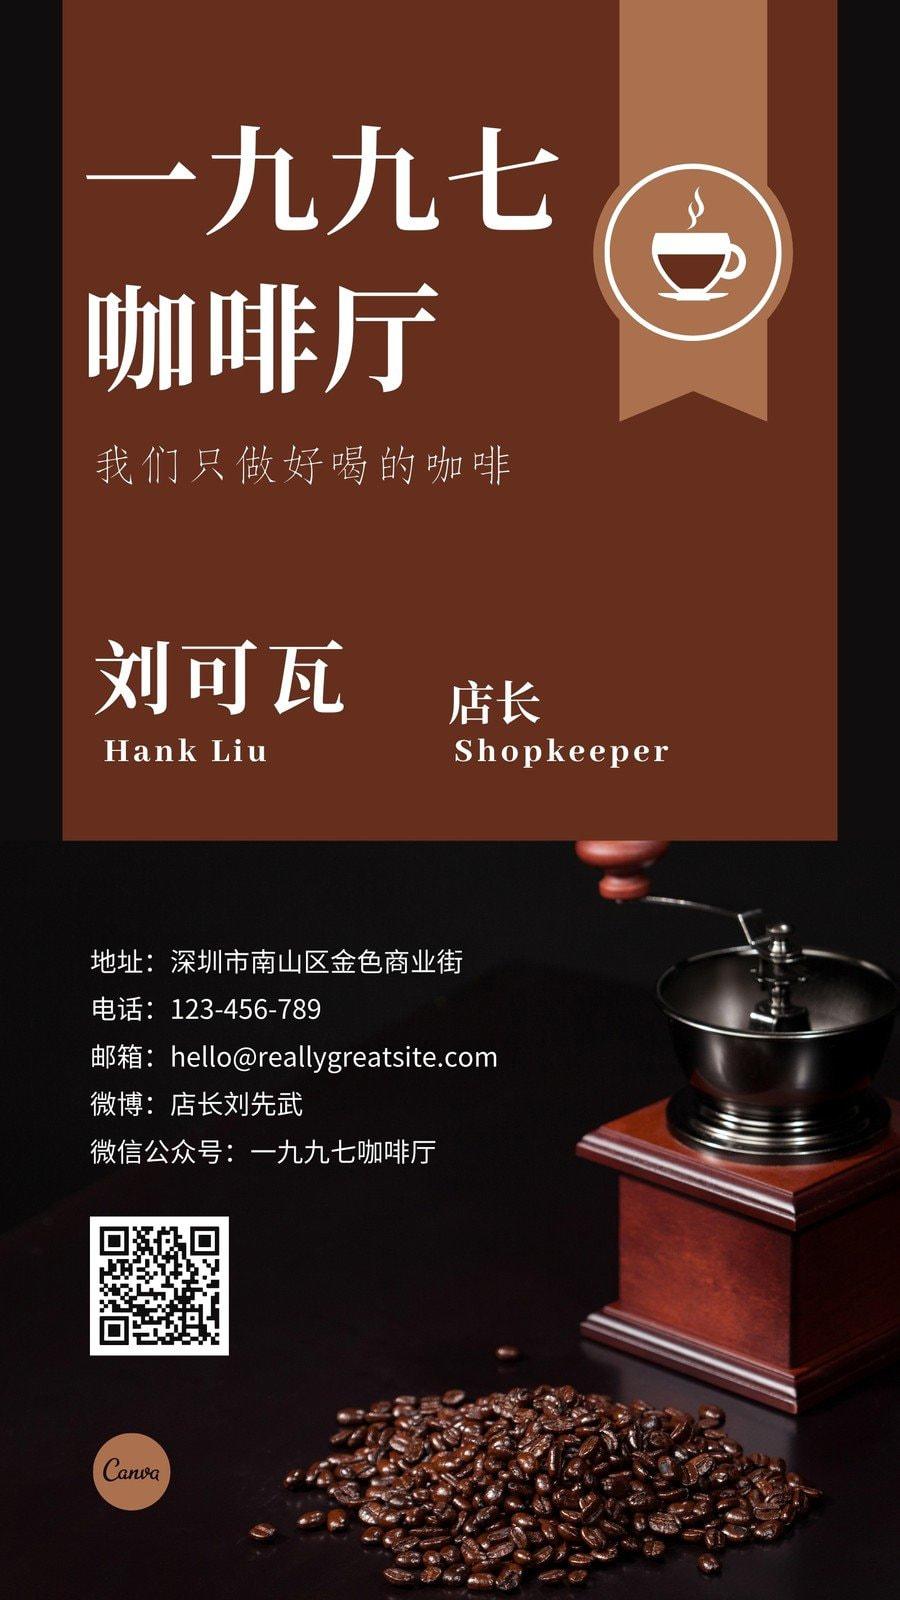 黑褐色咖啡机咖啡豆照片餐饮介绍中文电子名片